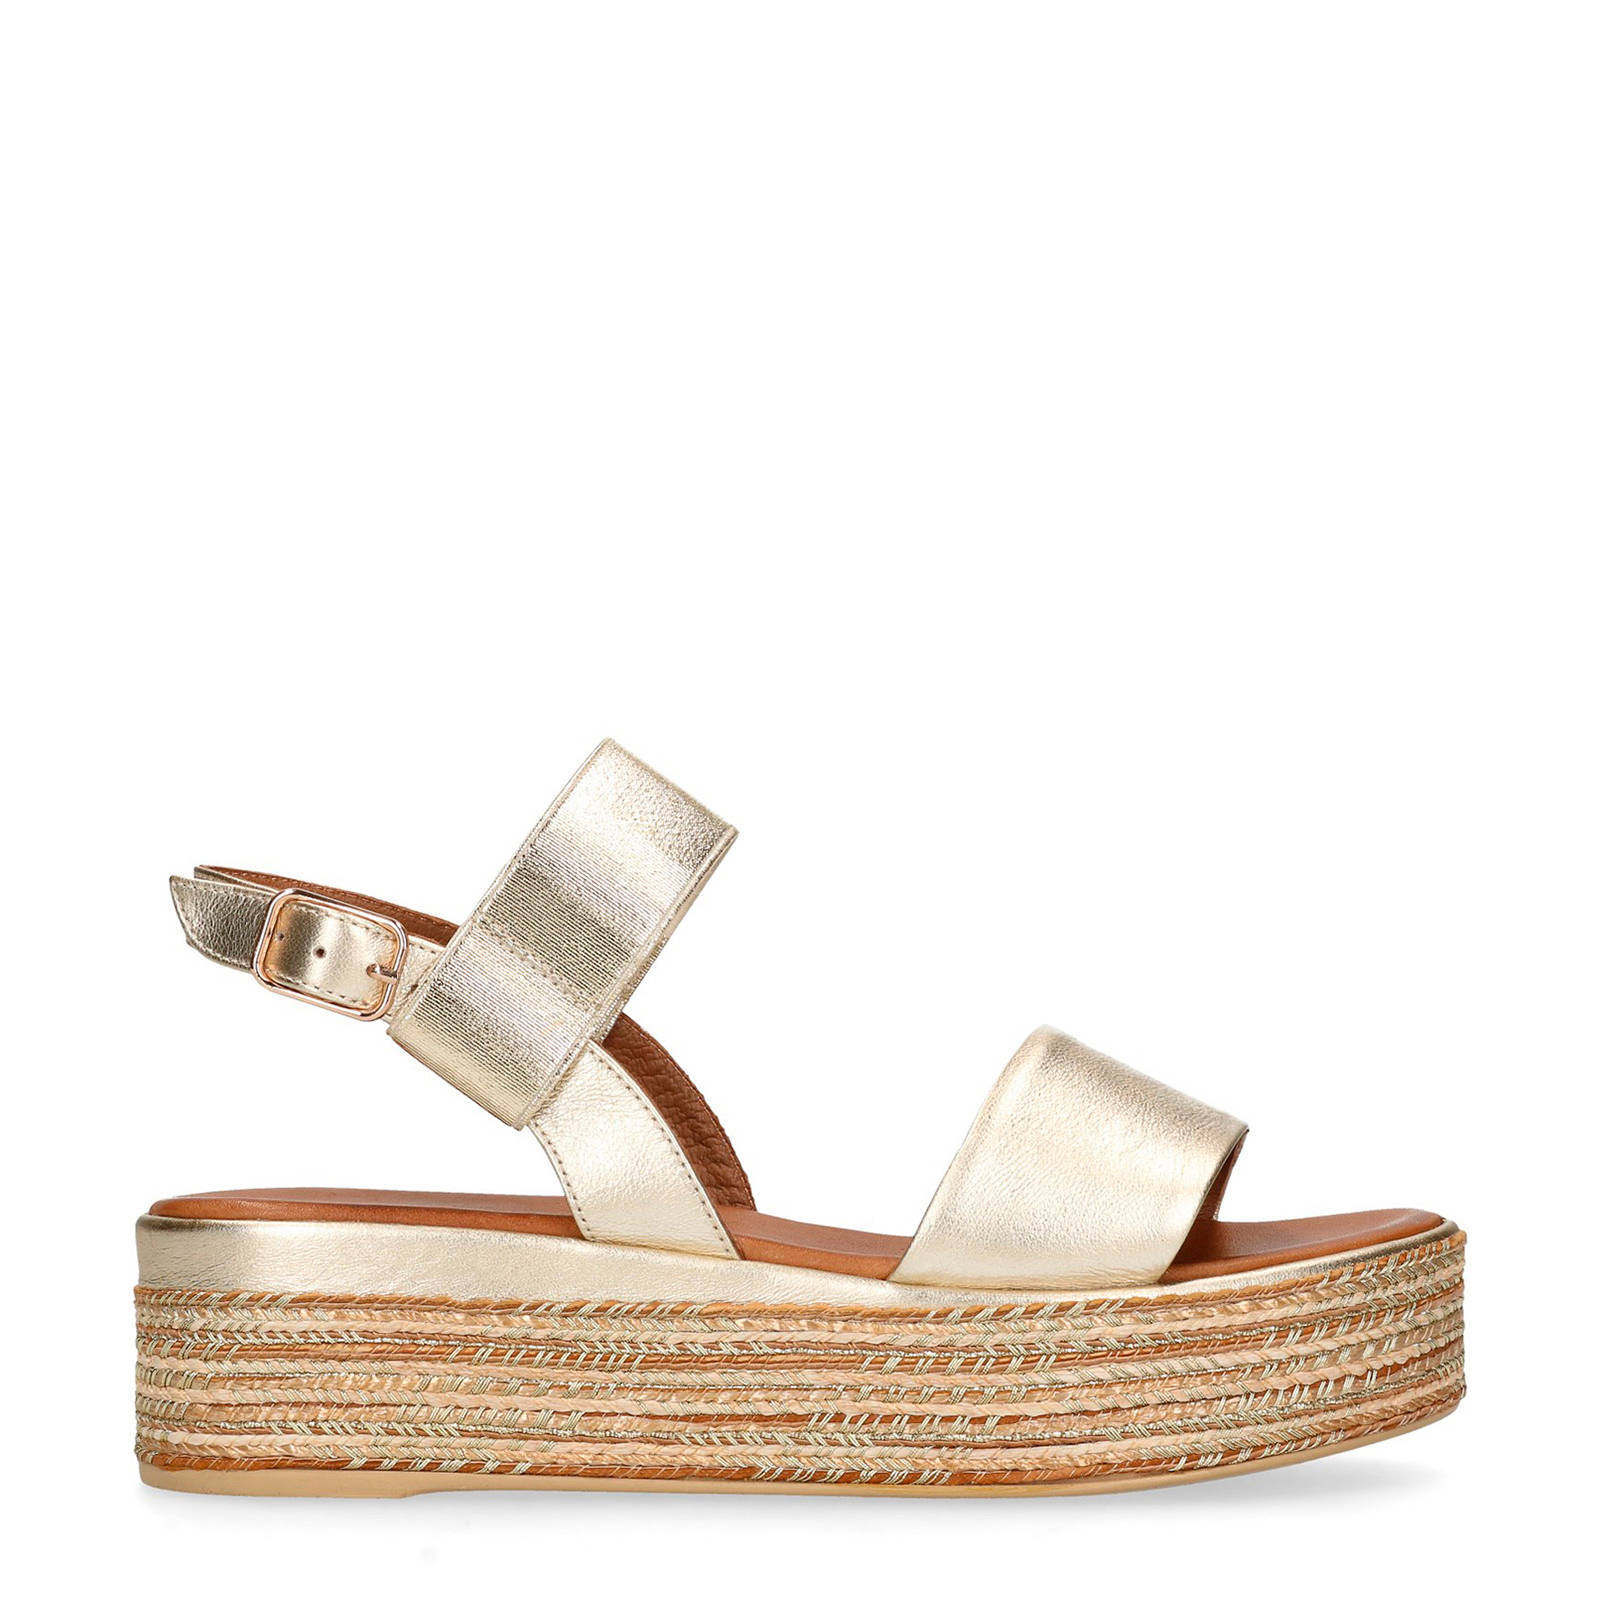 Genieße den niedrigsten Preis um 50 Prozent reduziert neues Konzept leren plateau sandalen goud